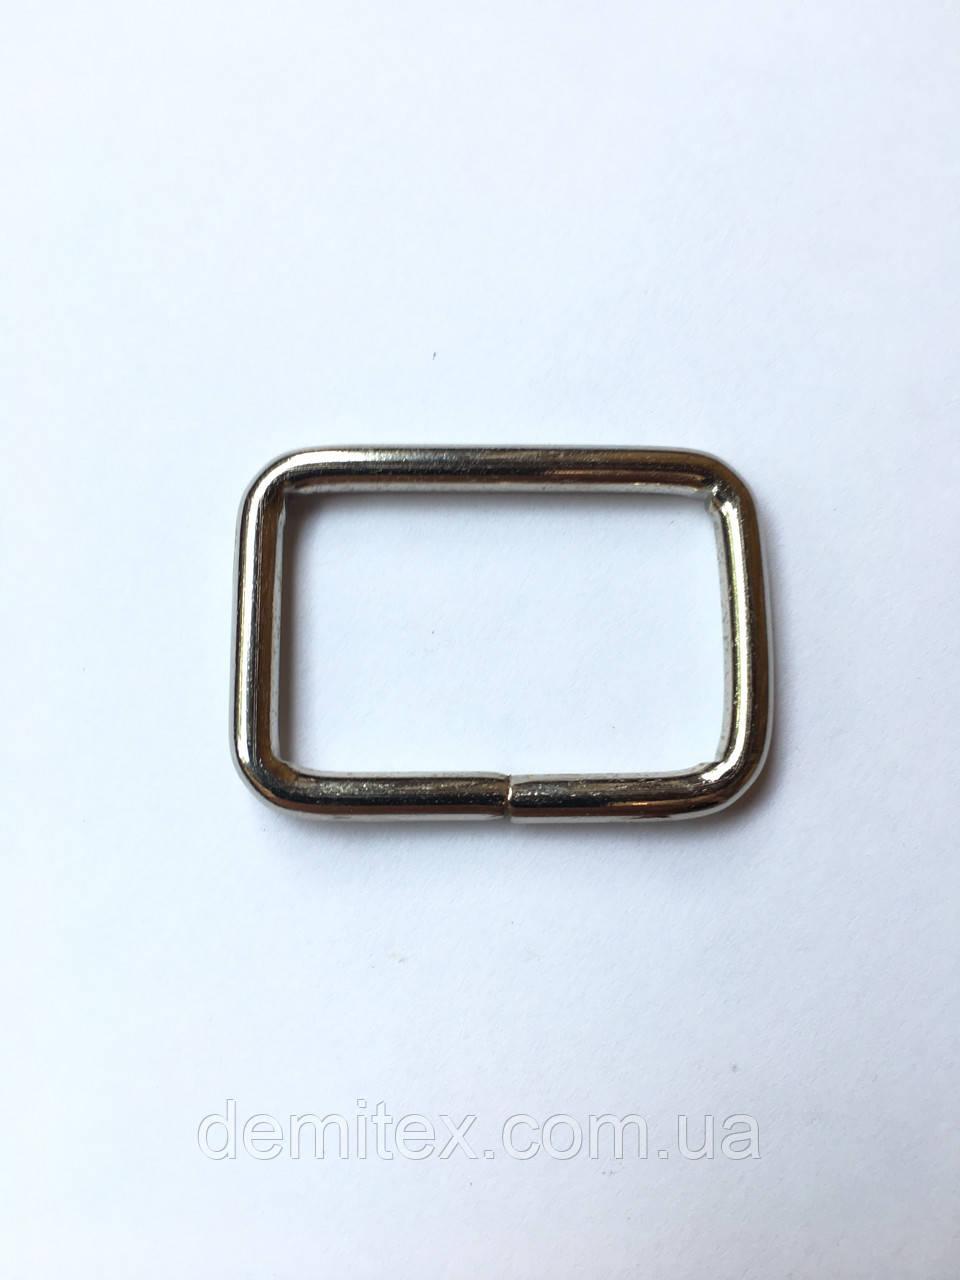 Рамка никель 30х20х4мм